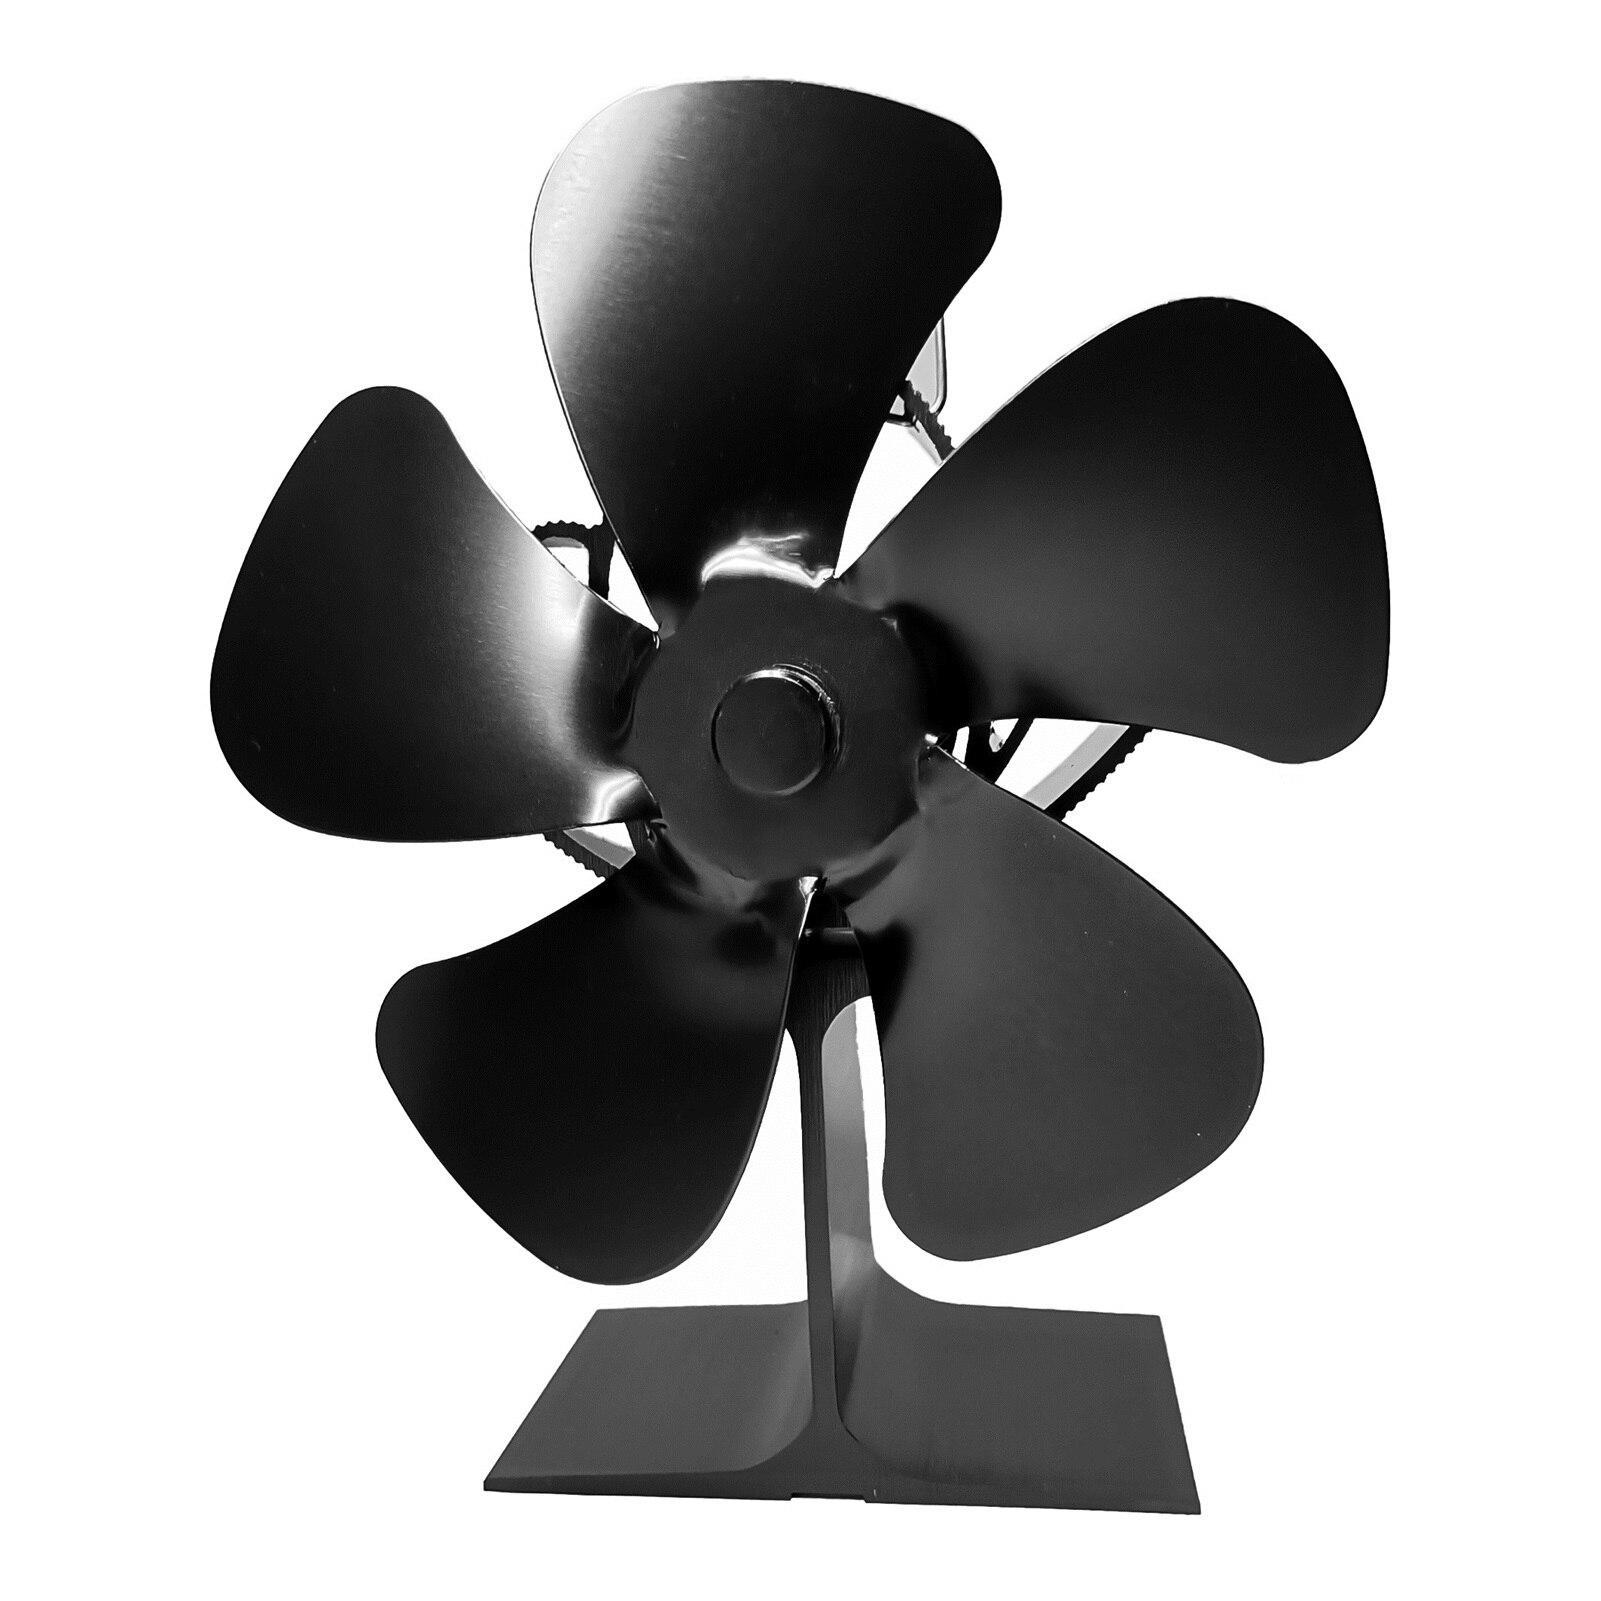 Вентилятор для камина 5 лопастей для дровяной плиты, нагревательный вентилятор для камина, нагреватель, вентилятор для камина, эффективное ...